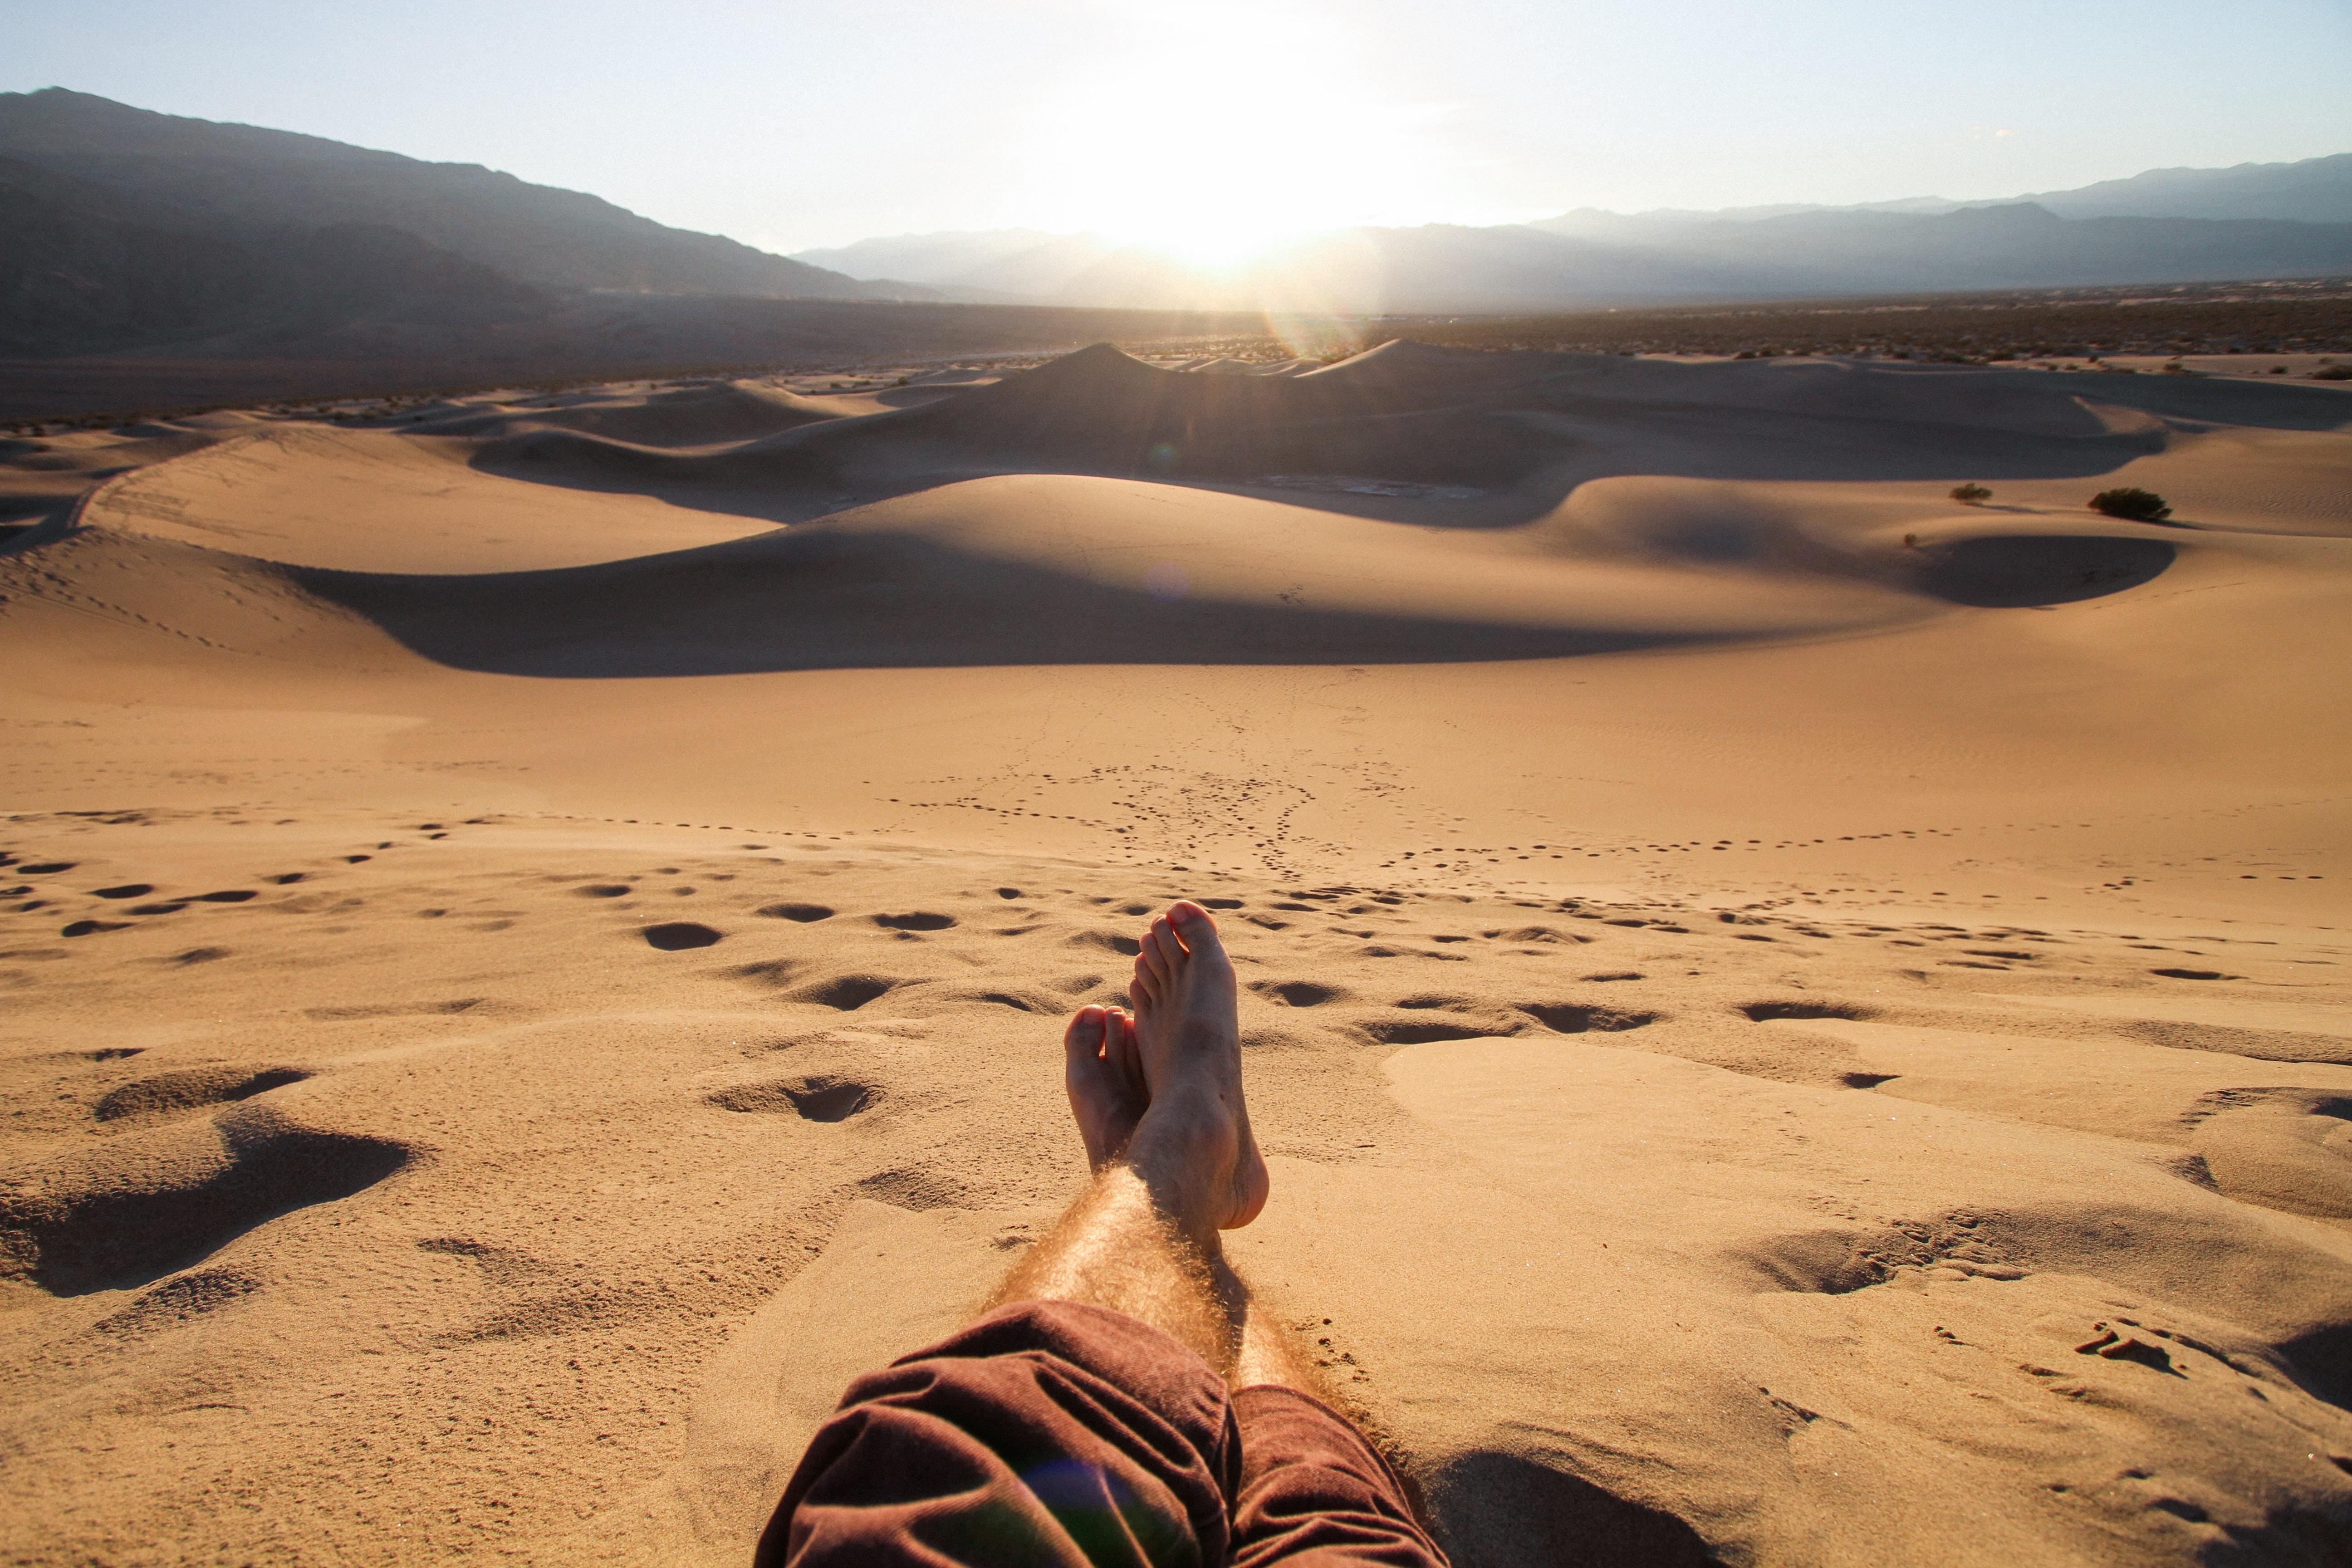 man sitting on desert during daytime